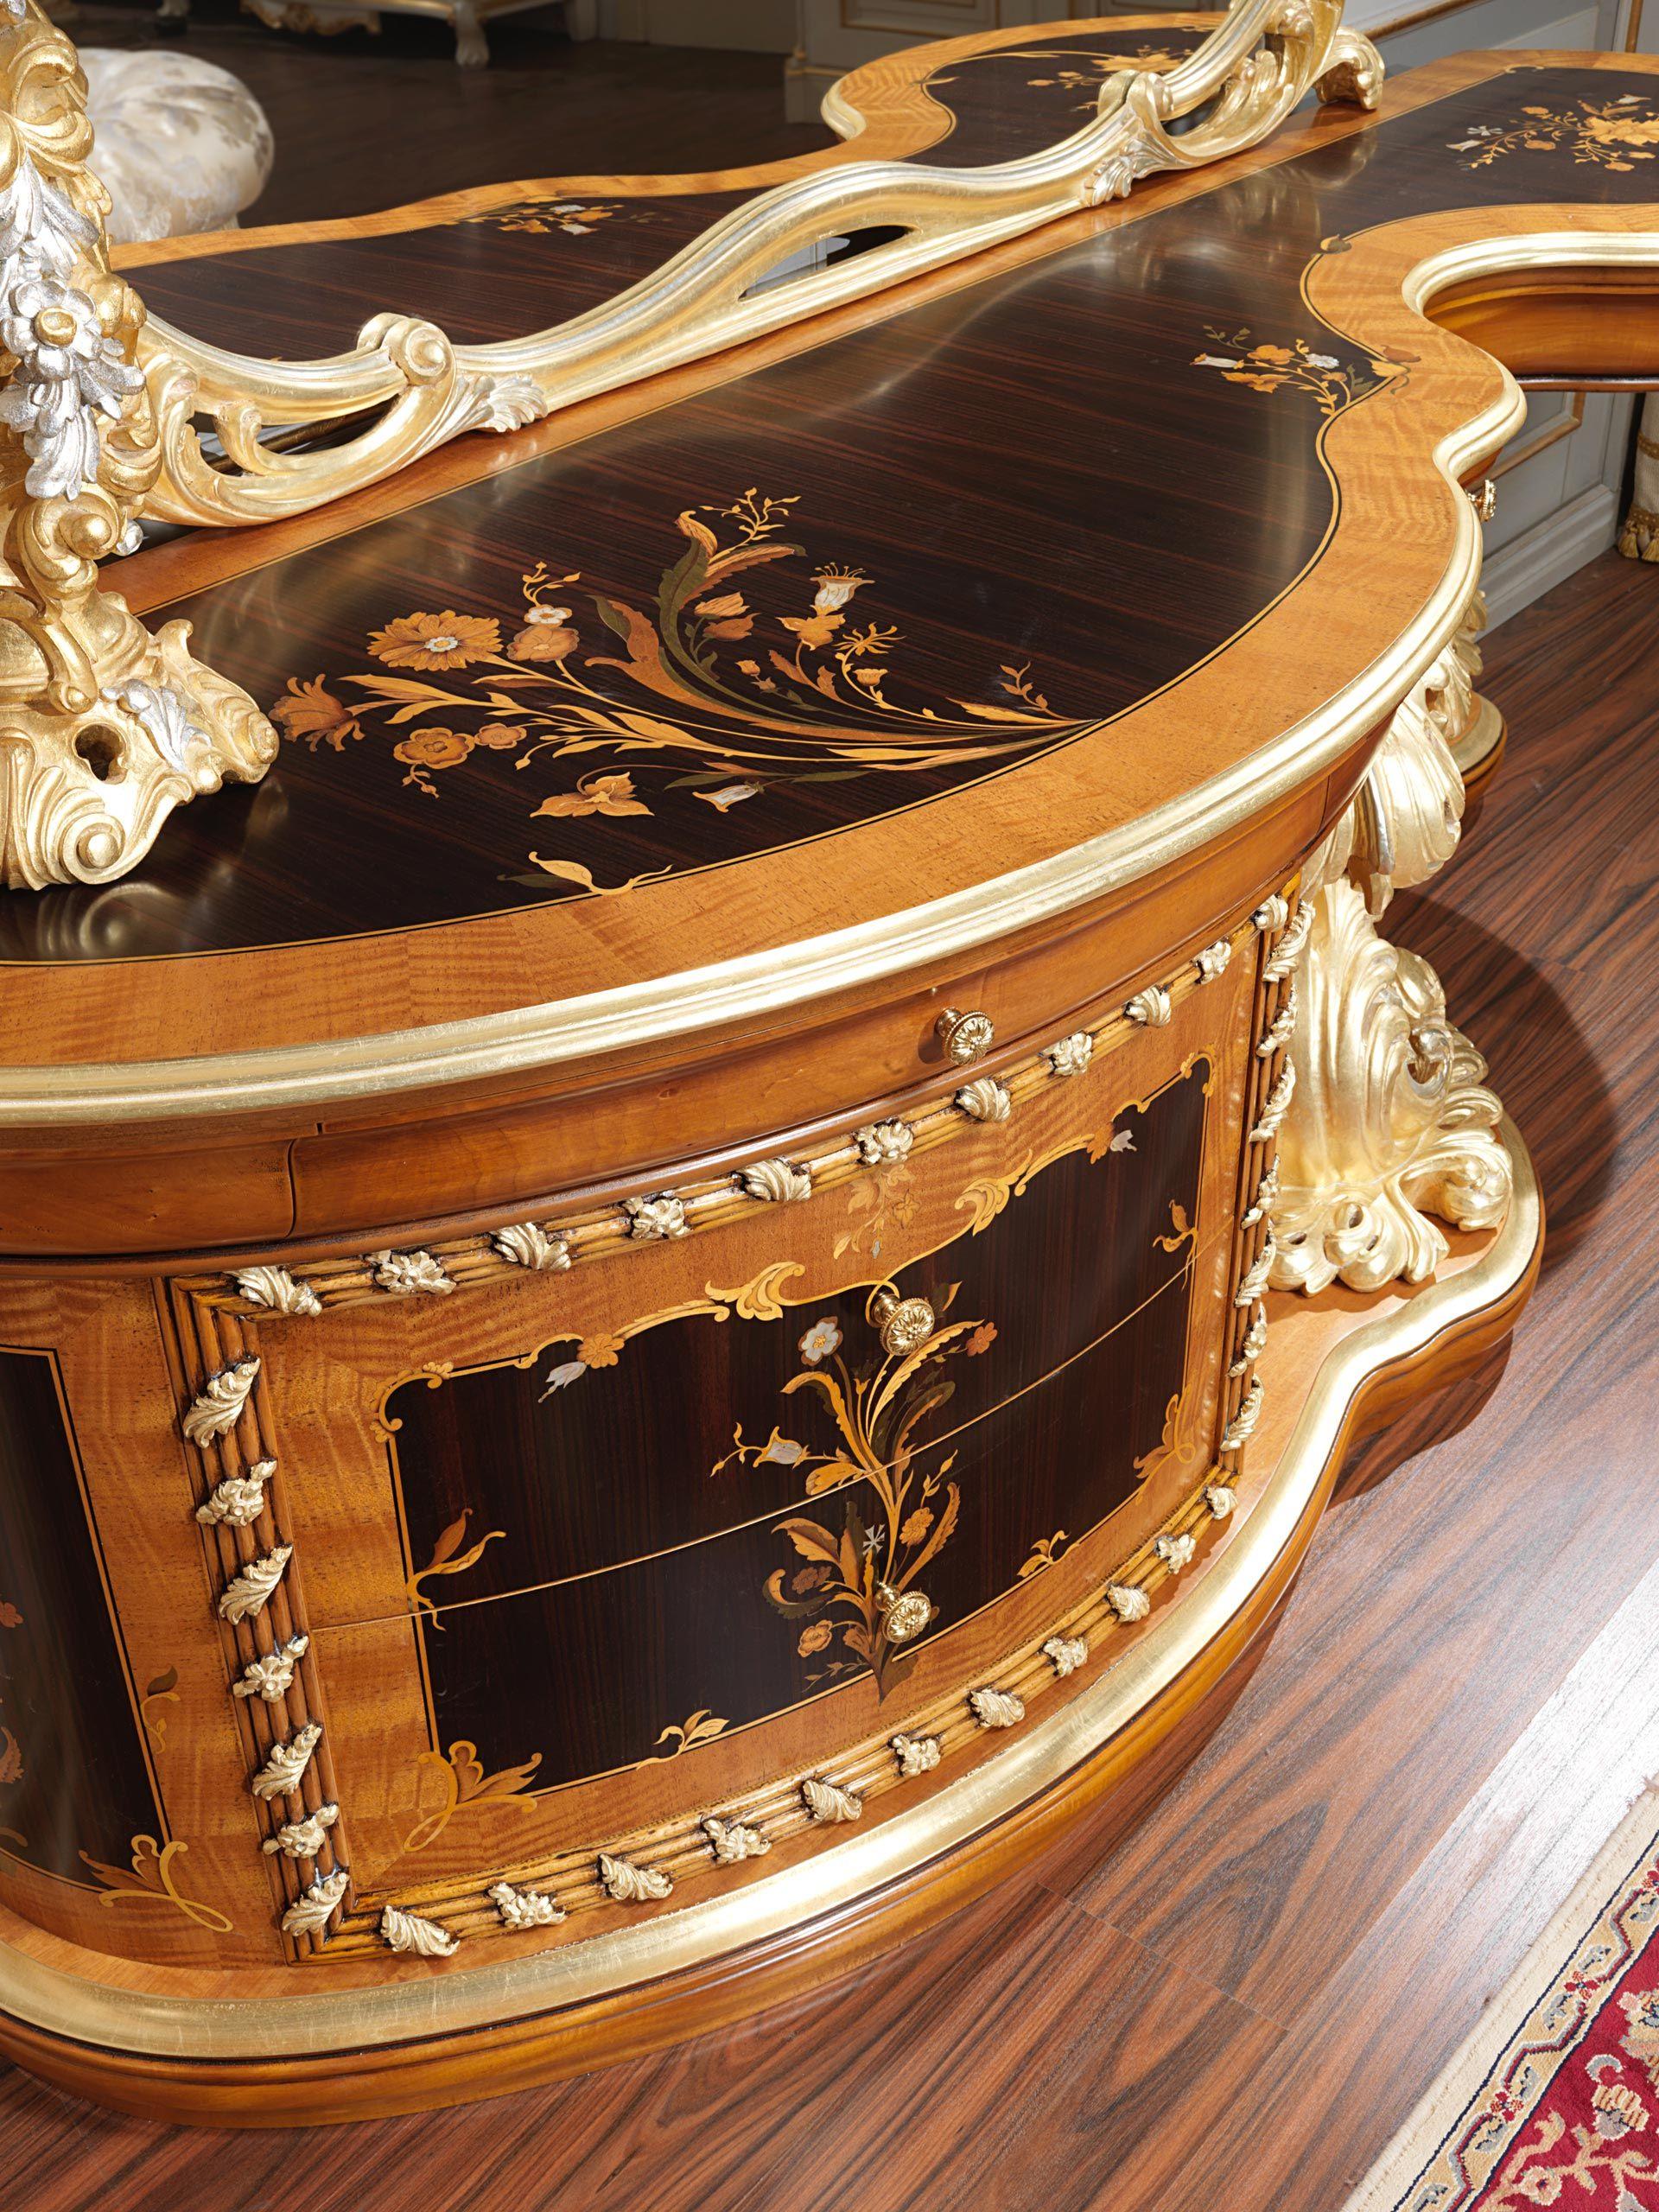 Inlaid Baroque Toilette Vimercati Classic Furniture Camera Da Letto In Stile Barocco Stanza Da Letto Classica E Moda Barocca